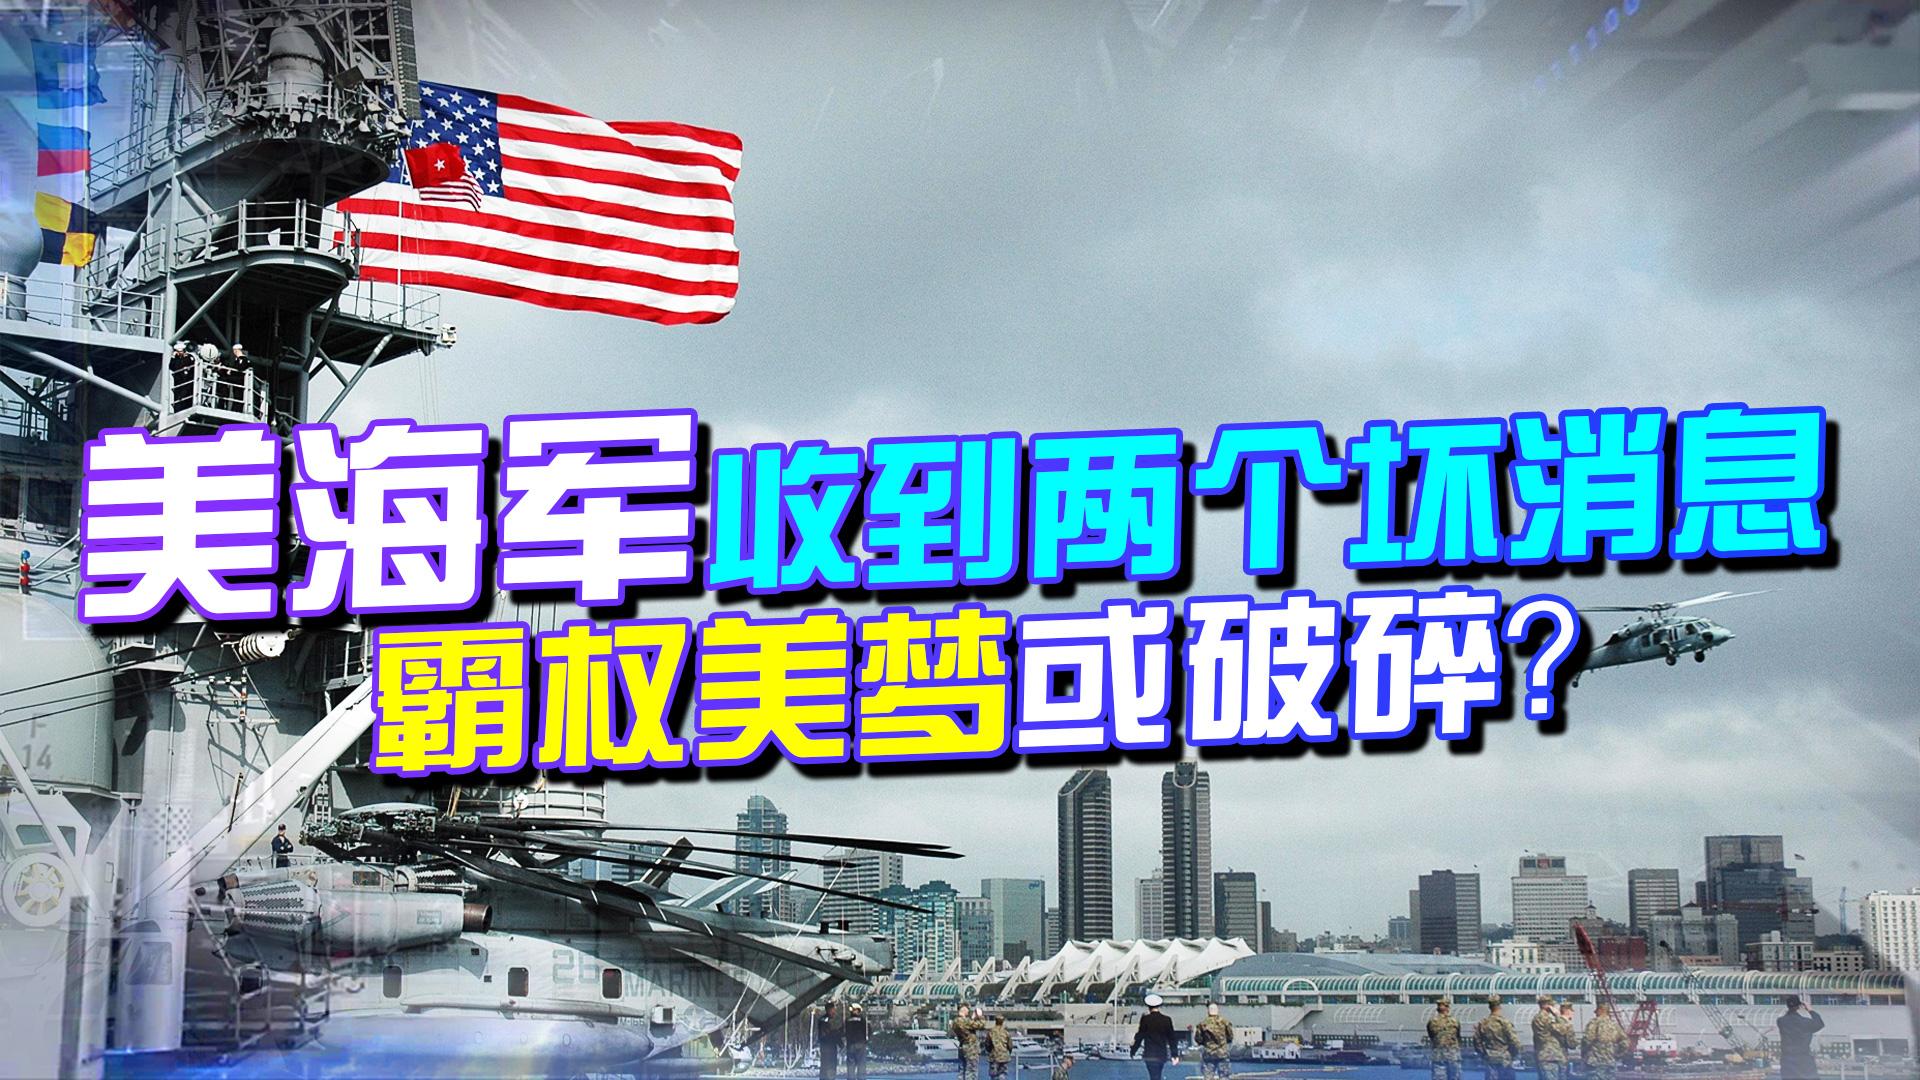 霸权美梦破碎?美海军收到两个坏消息:MH-60S坠海,军舰退役愿望遭批